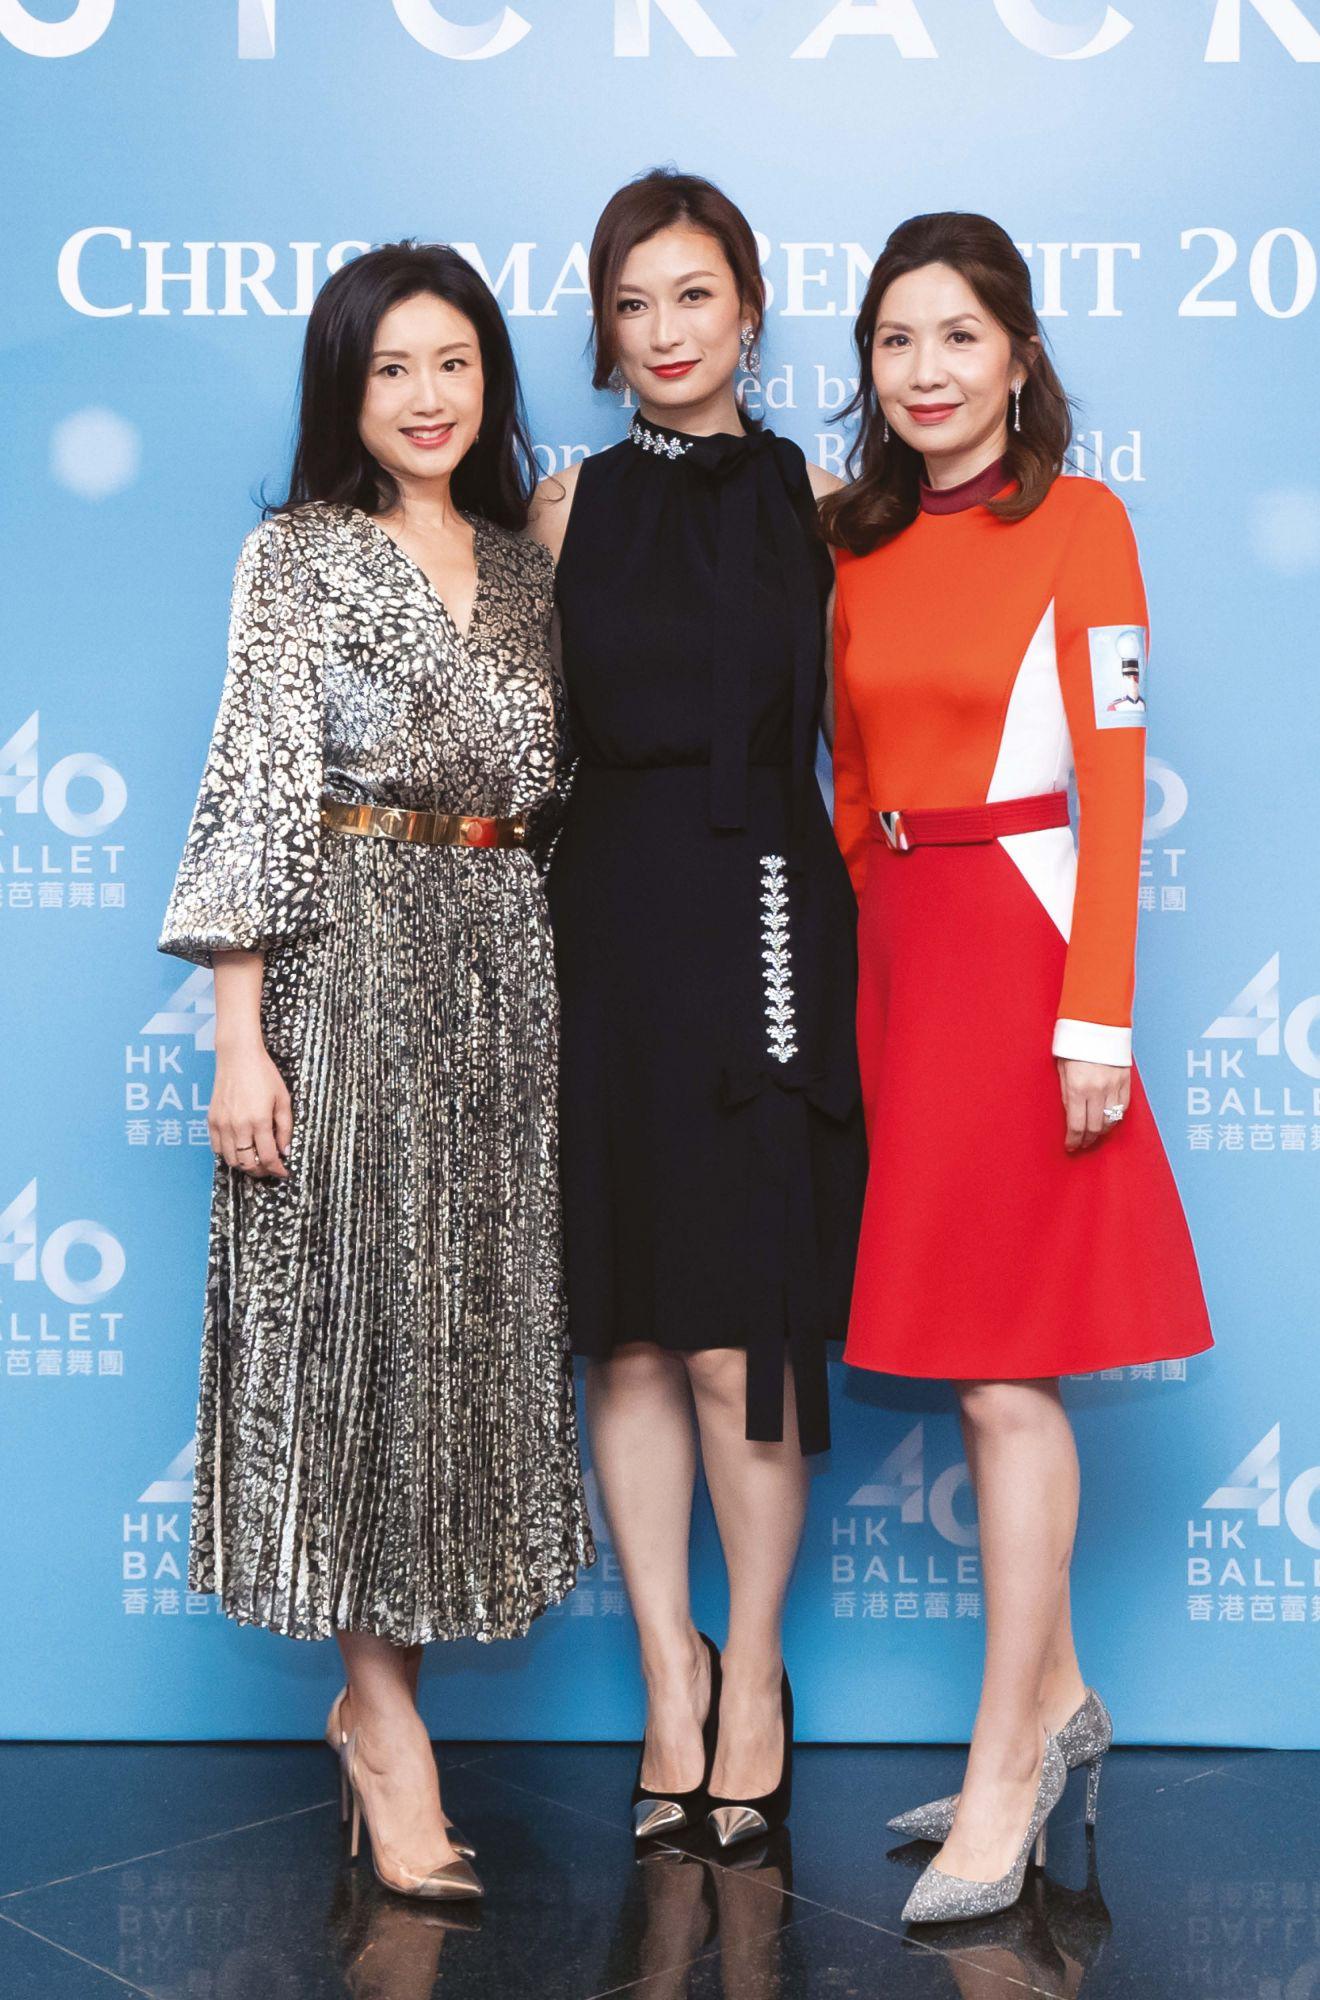 Liana Yung-Yeung, Colleen Fung, Connie Wei-Yang